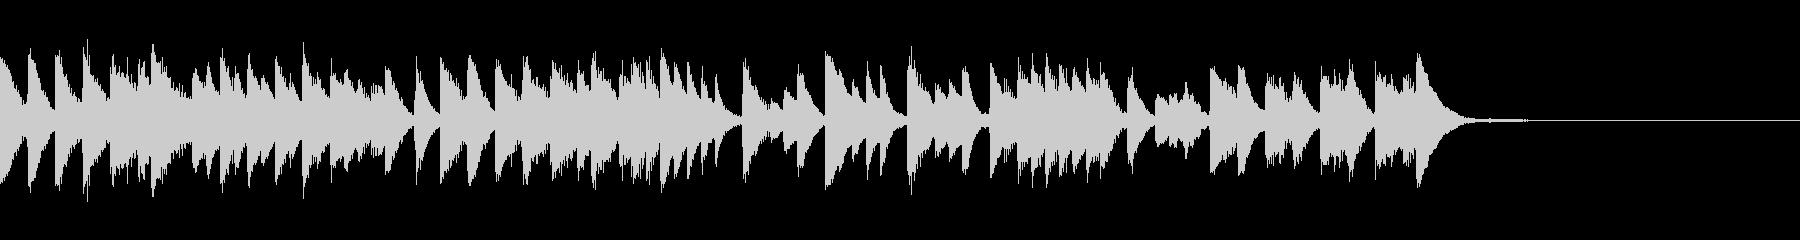 賑やかでスピード感のあるピアノジングルの未再生の波形